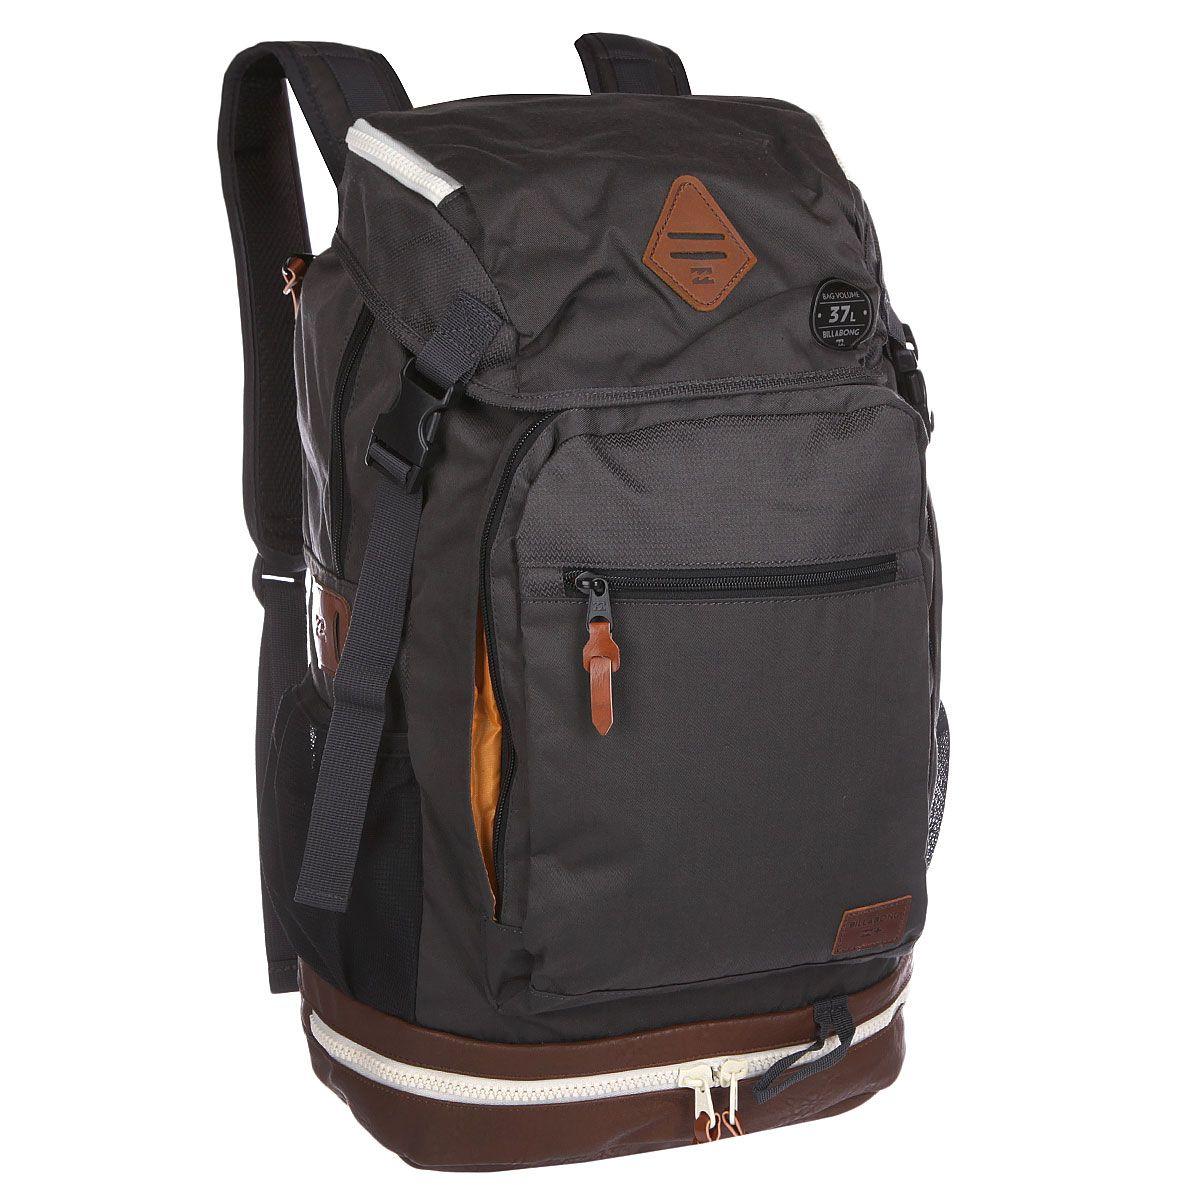 Ash рюкзак купить анатомический рюкзак кенгуру globex/глобэкс панда цена